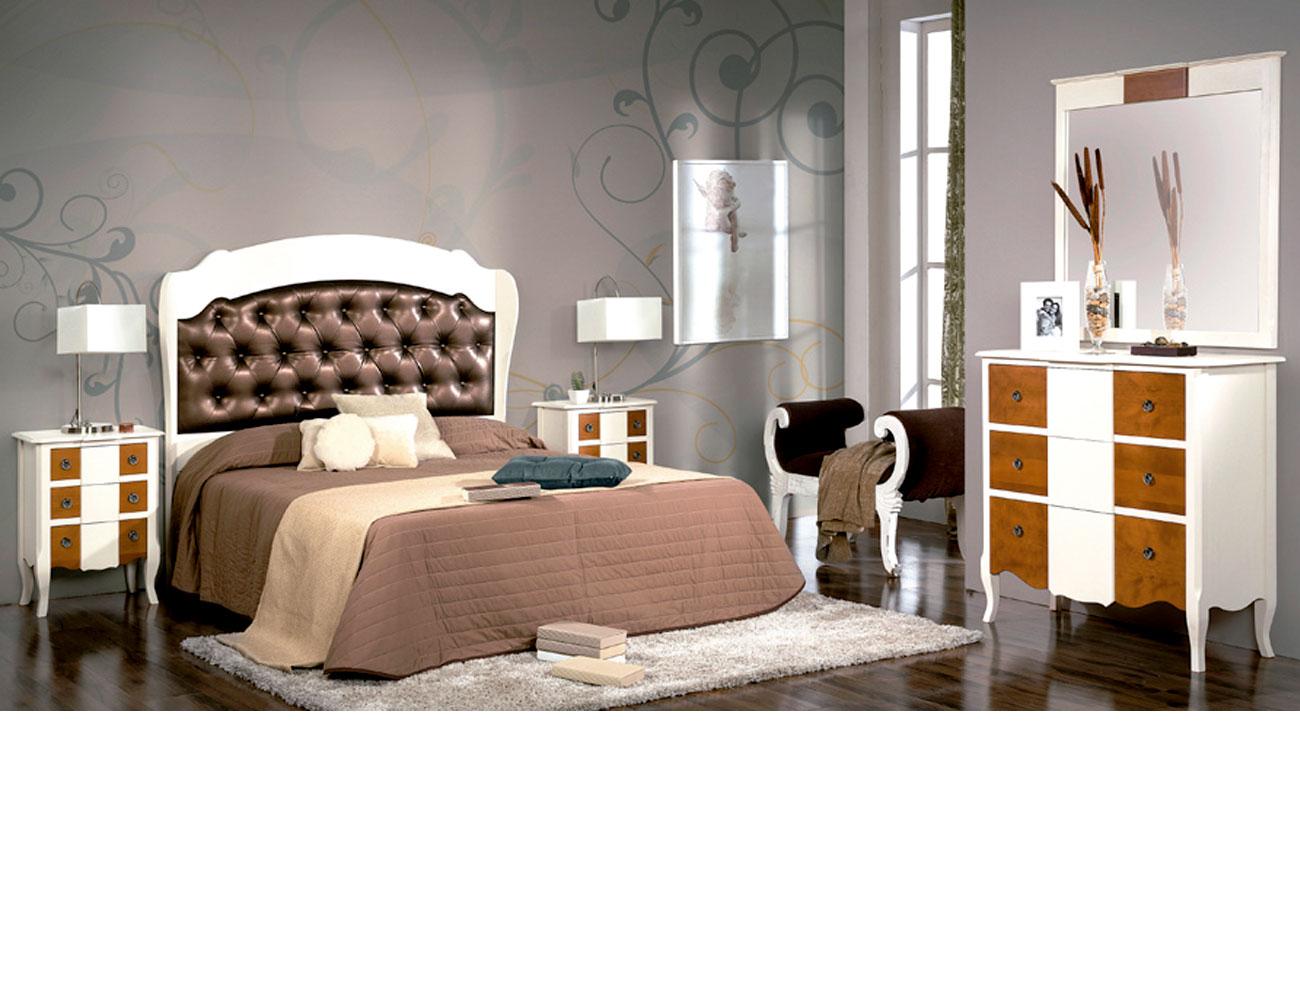 Dormitorio matrimonio cabecero tapizado polipiel comoda3